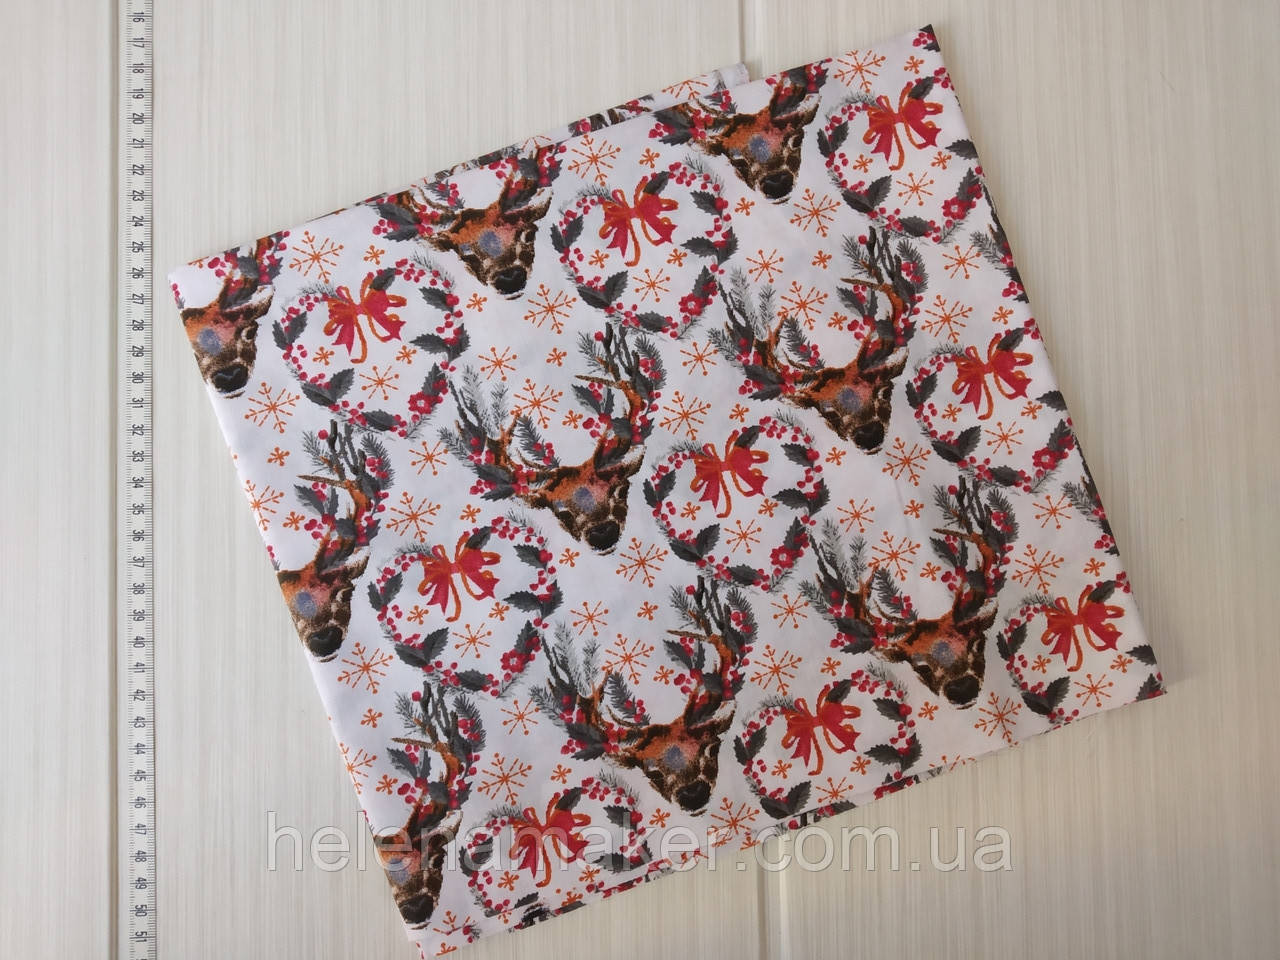 Отрез новогодней ткани Олени с красным веночком 50*50 см